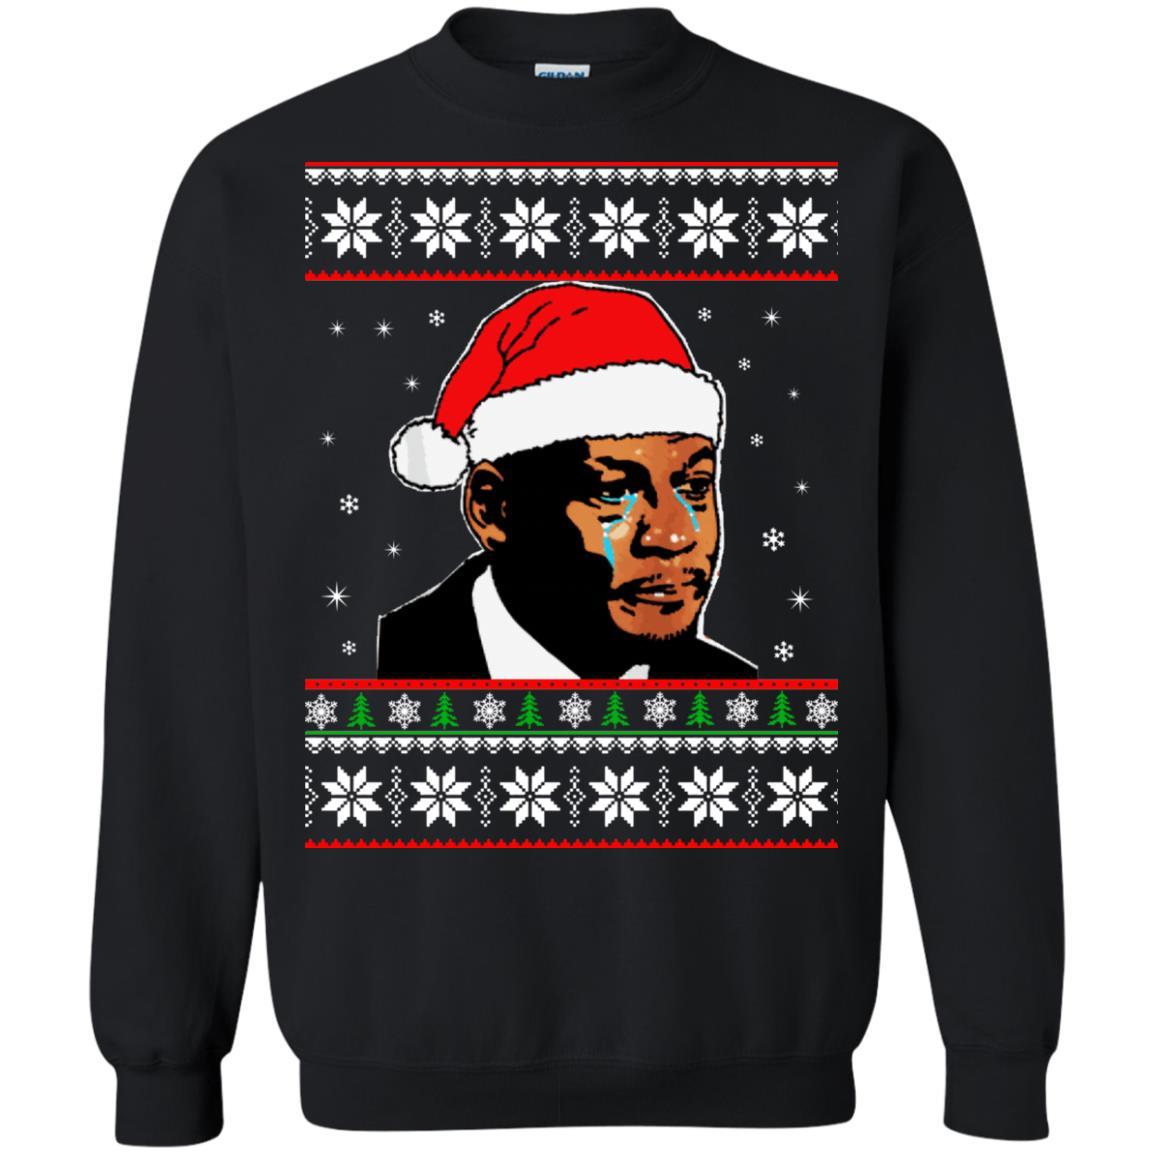 image 2668 - Crying Jordan Christmas Sweater, Christmas Jordan Ugly Sweatshirt